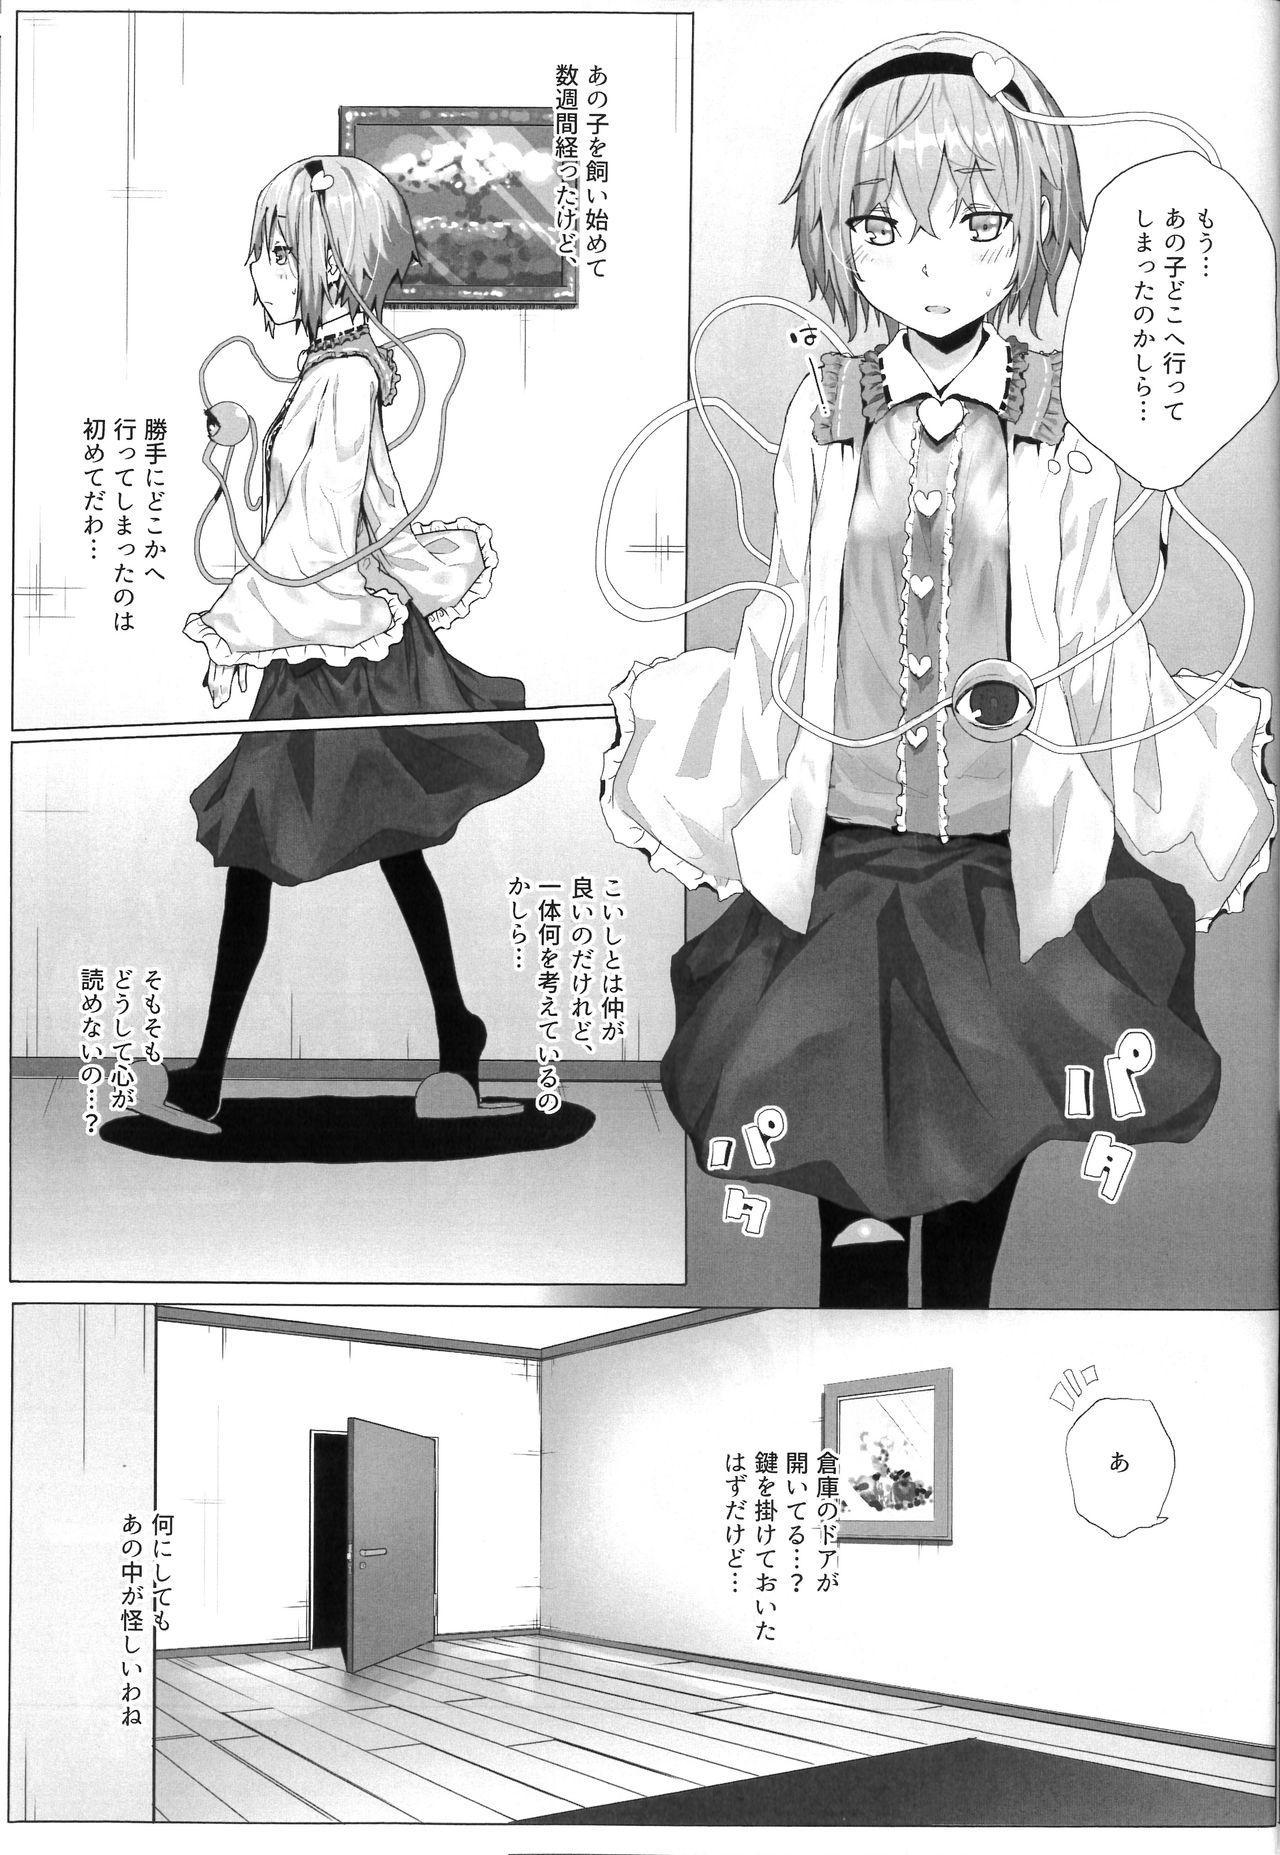 Komeiji Satori to Atarashii Pet 3